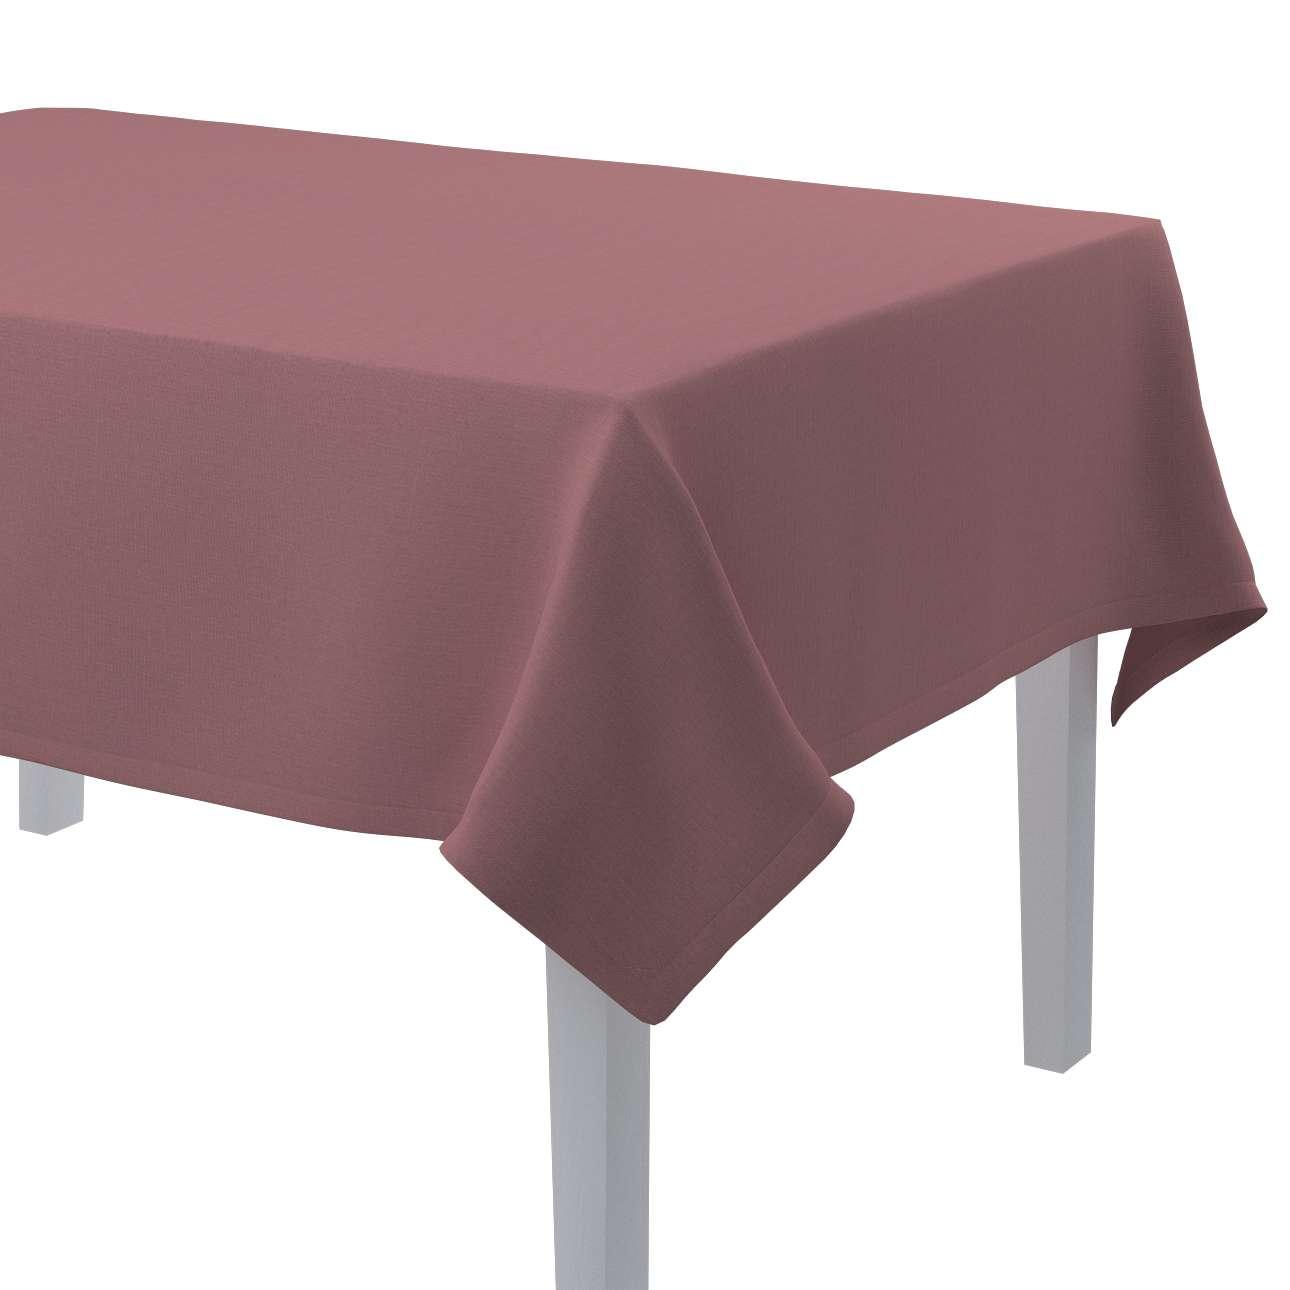 Rechteckige Tischdecke von der Kollektion Cotton Panama, Stoff: 702-43